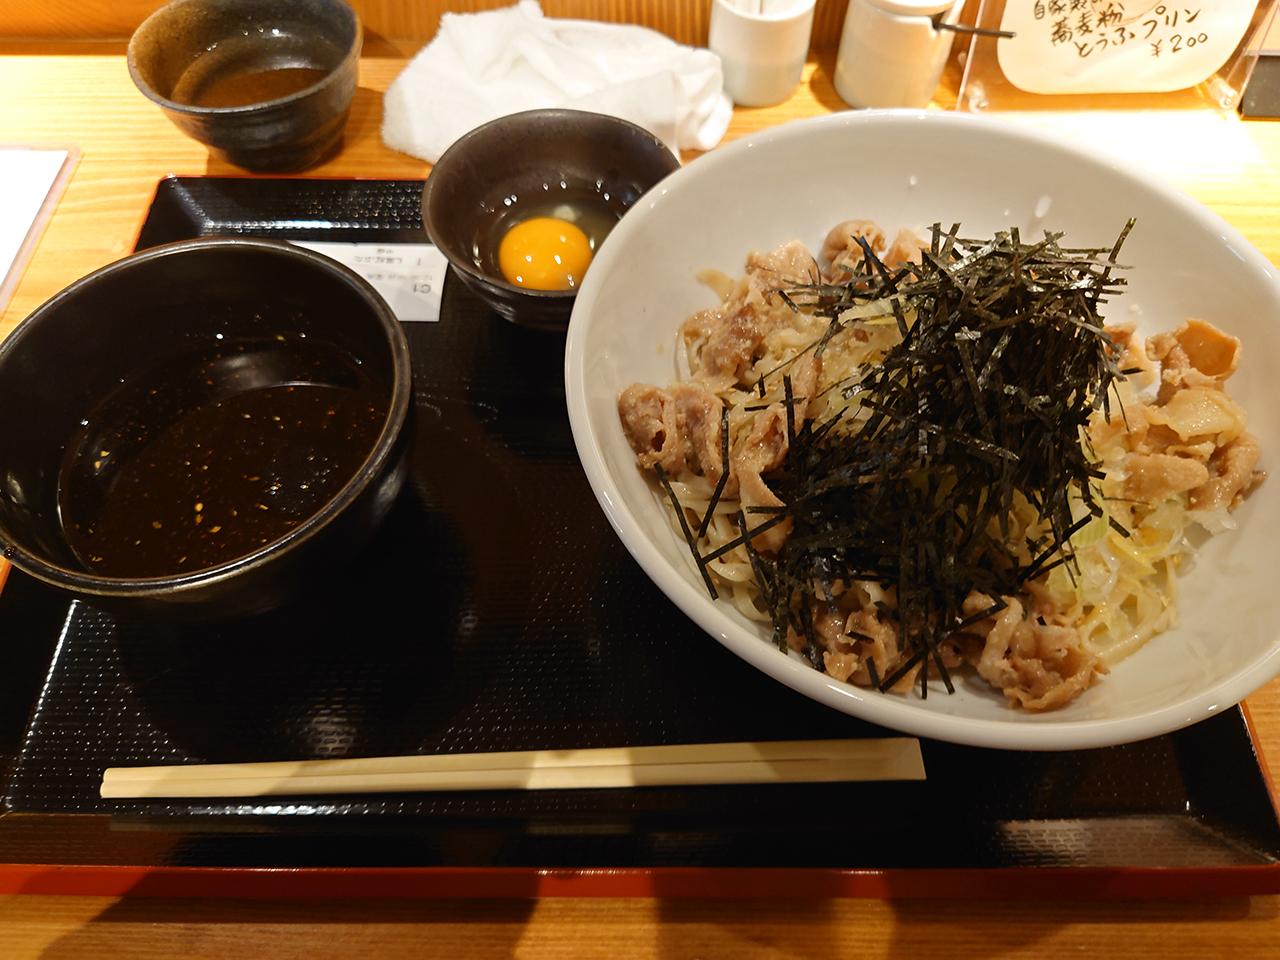 つけ麺スタイルの日本そば!松山市駅前にある「黑船」で「黑紅そば」を堪能してきた!